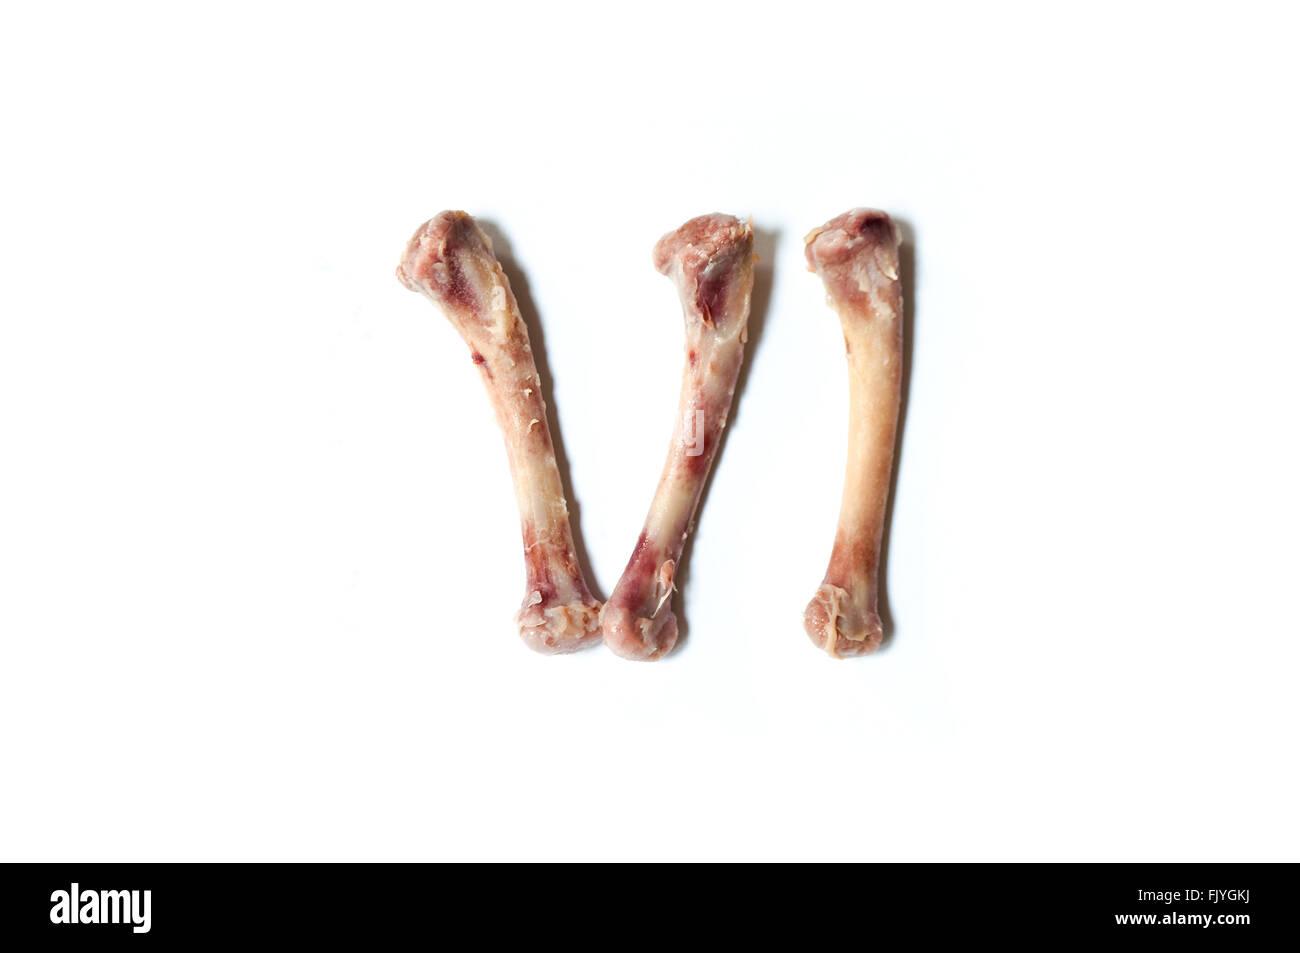 Chicken Skeleton Stockfotos & Chicken Skeleton Bilder - Alamy